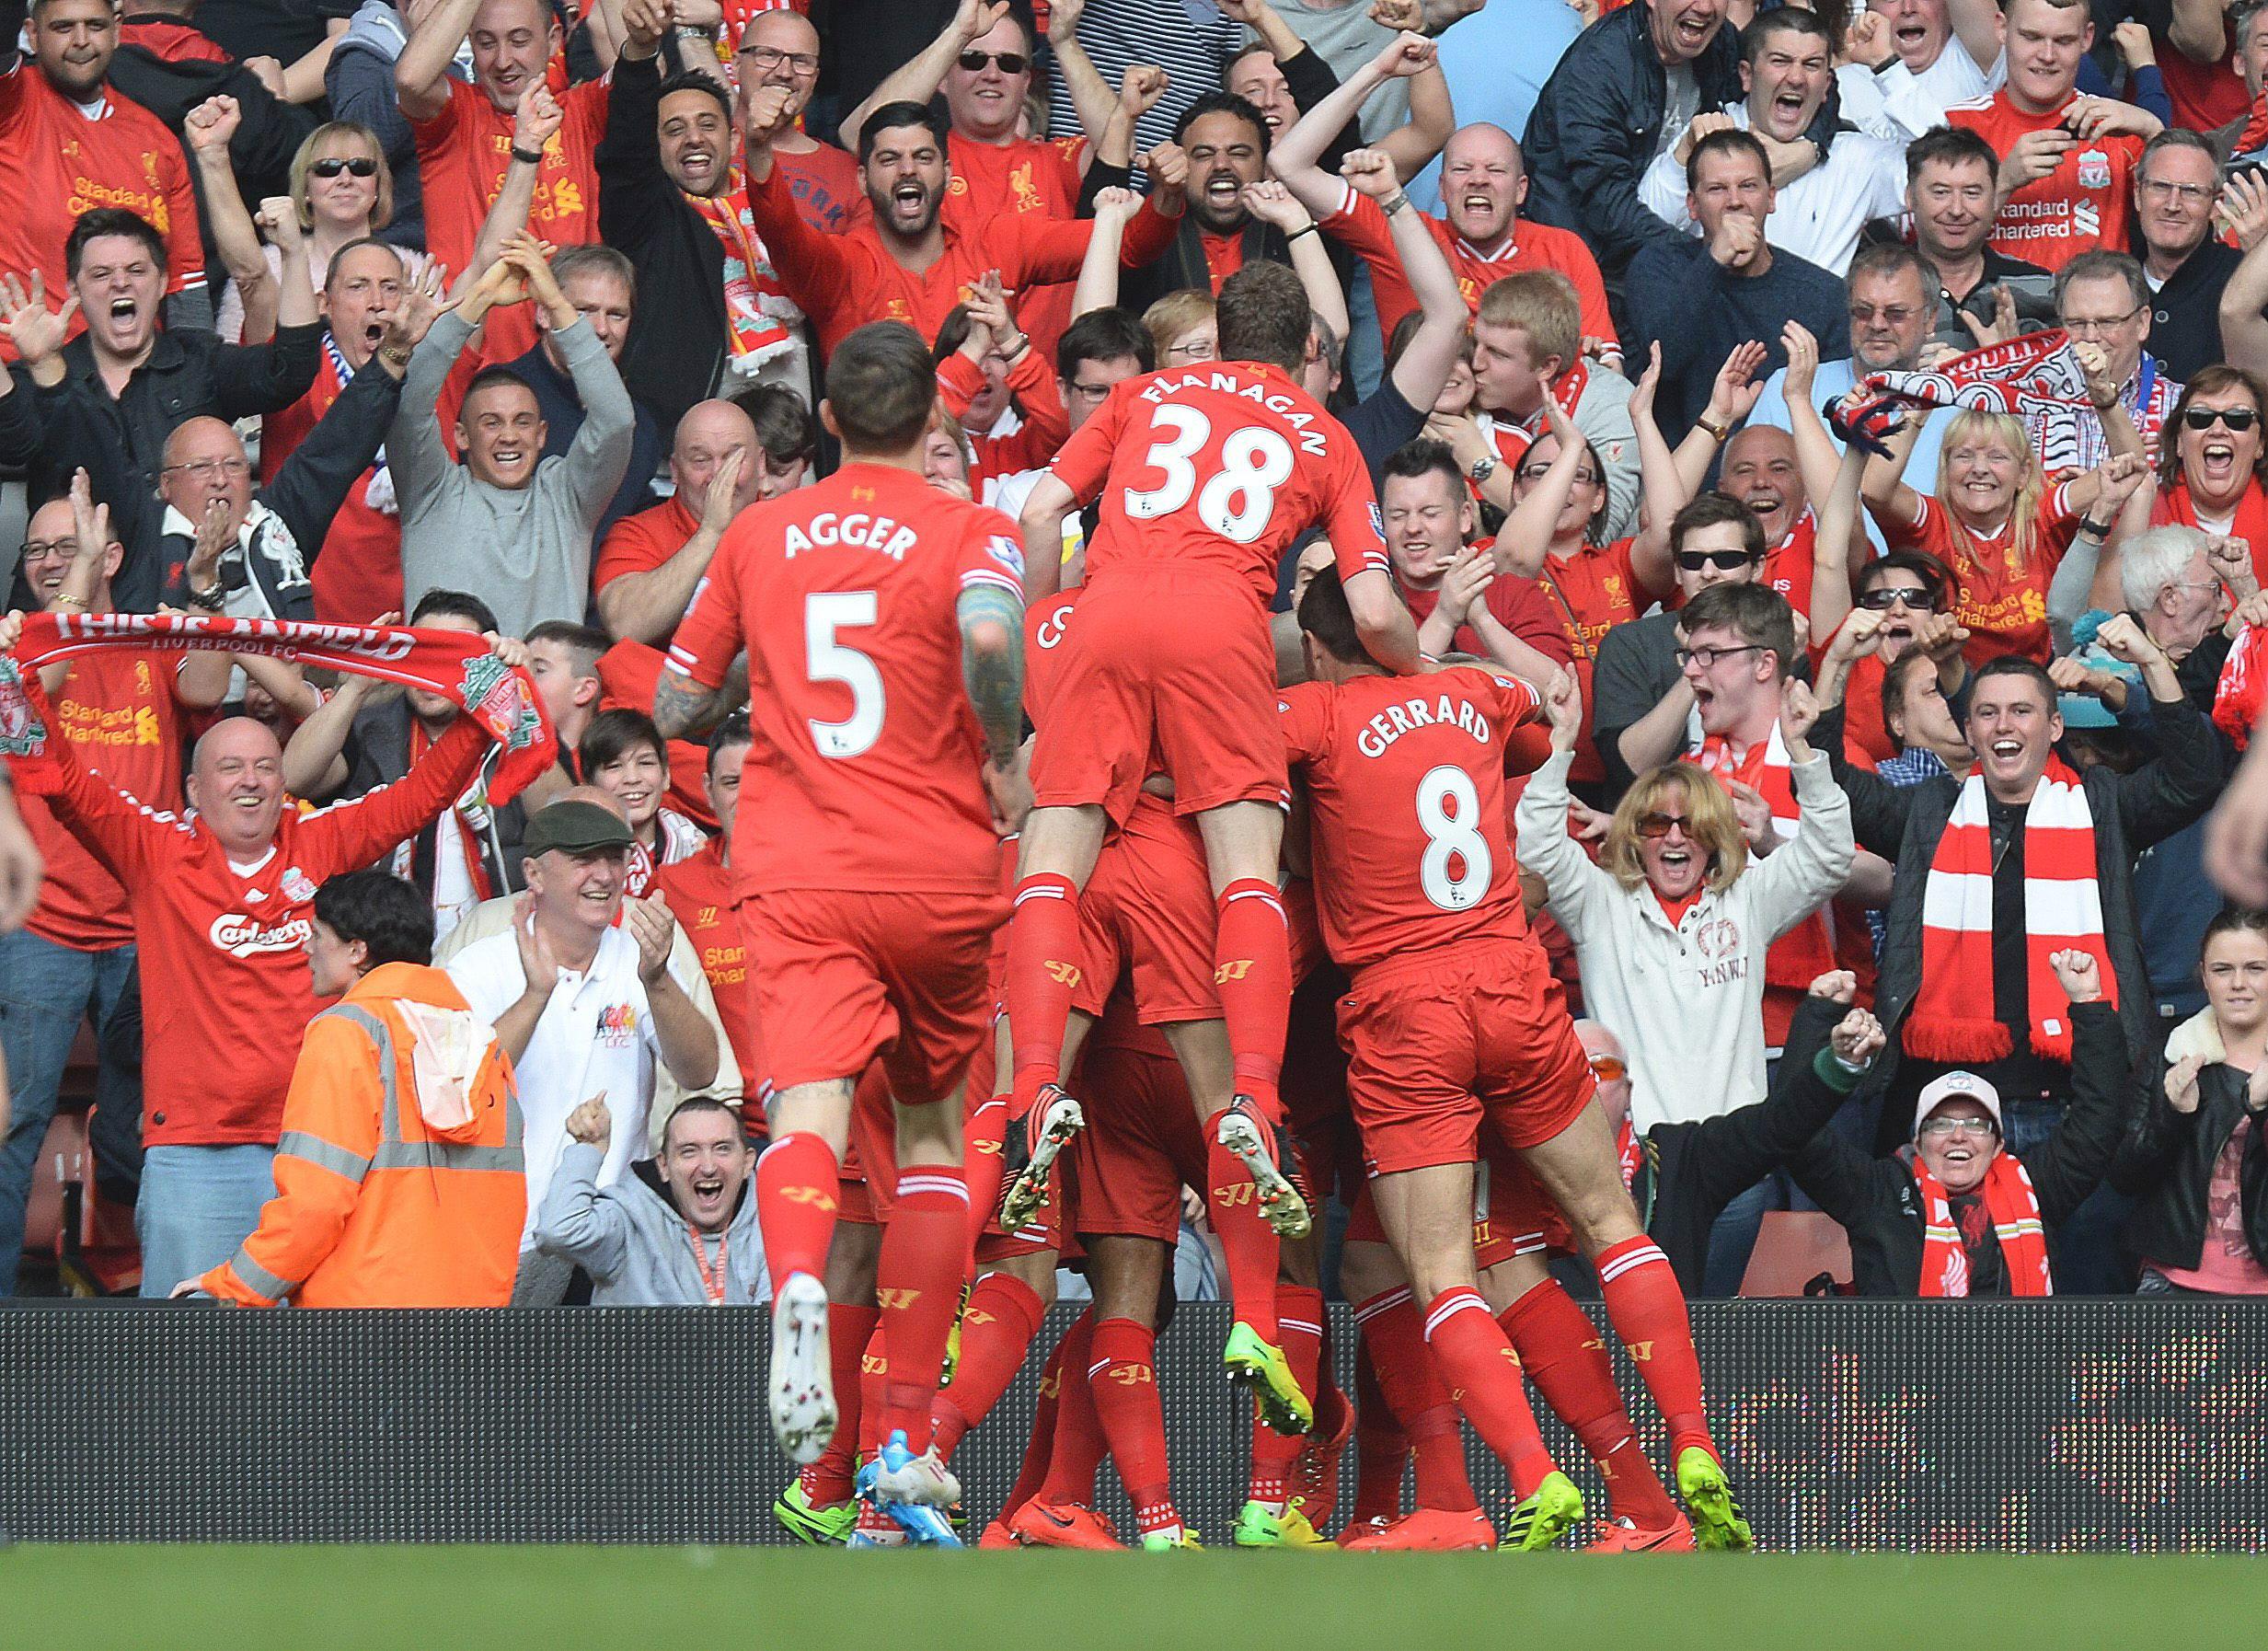 El Liverpool vence en Norwich y da un pasito más hacía el título de la Premier